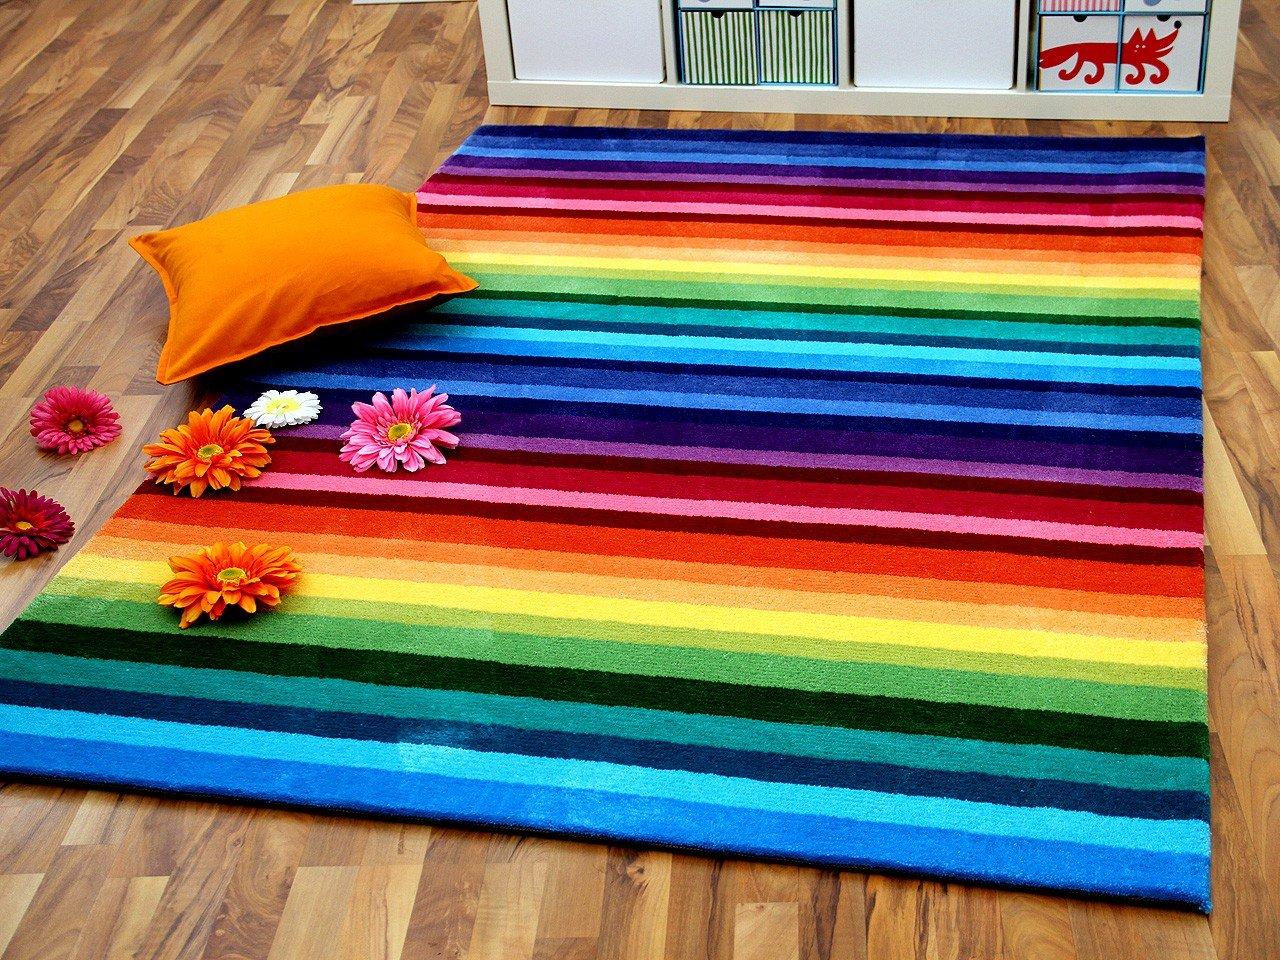 Lifestyle Kinderteppich Rainbow Bunt in 5 Größen     Sofort Lieferbar